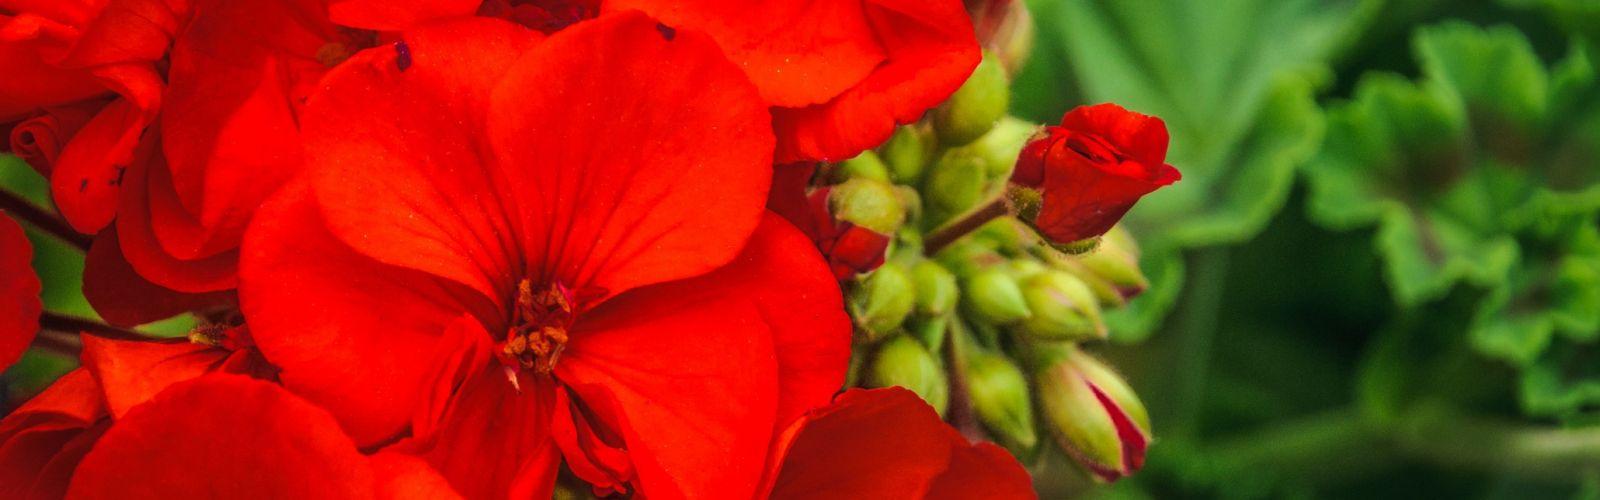 closeup of red geraniums